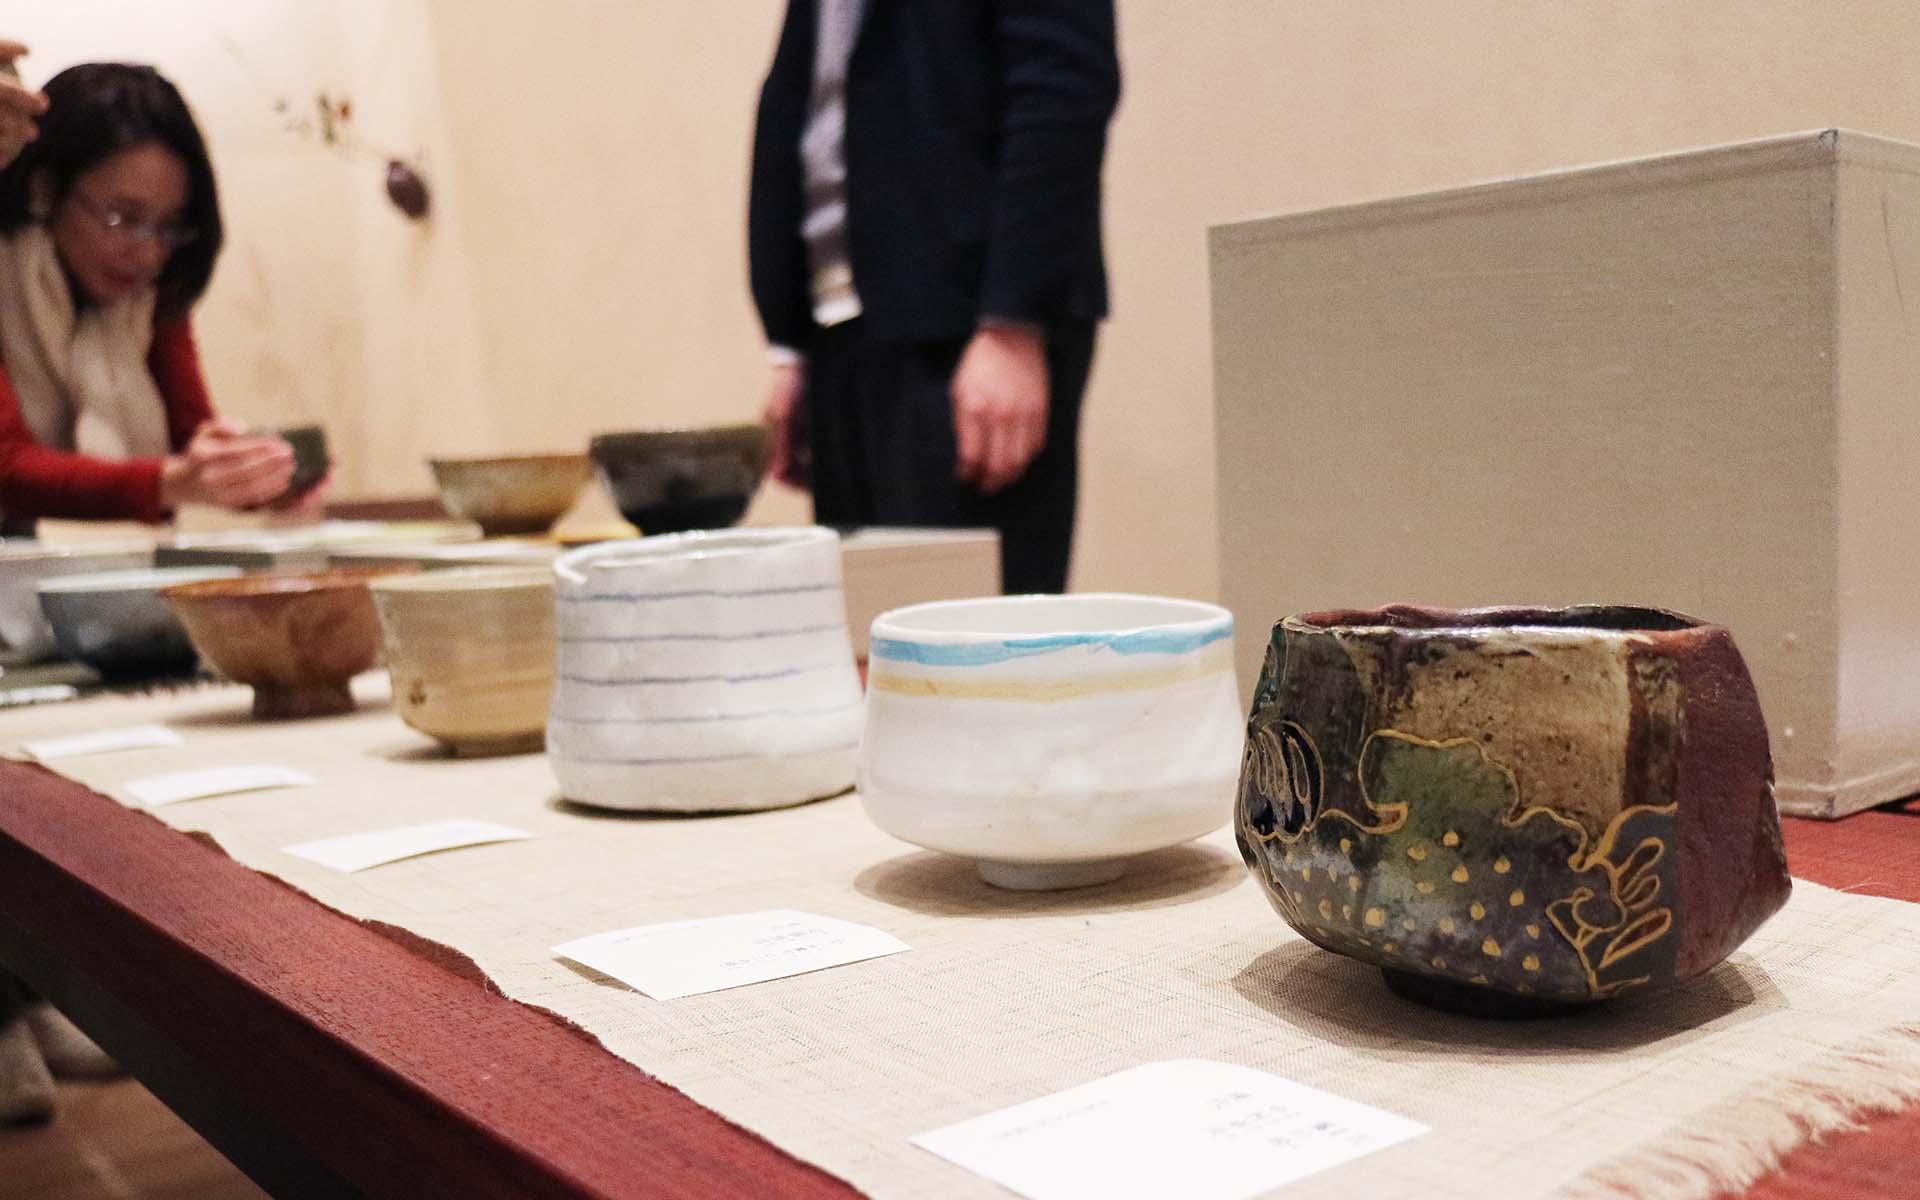 ずらりと並ぶ茶碗